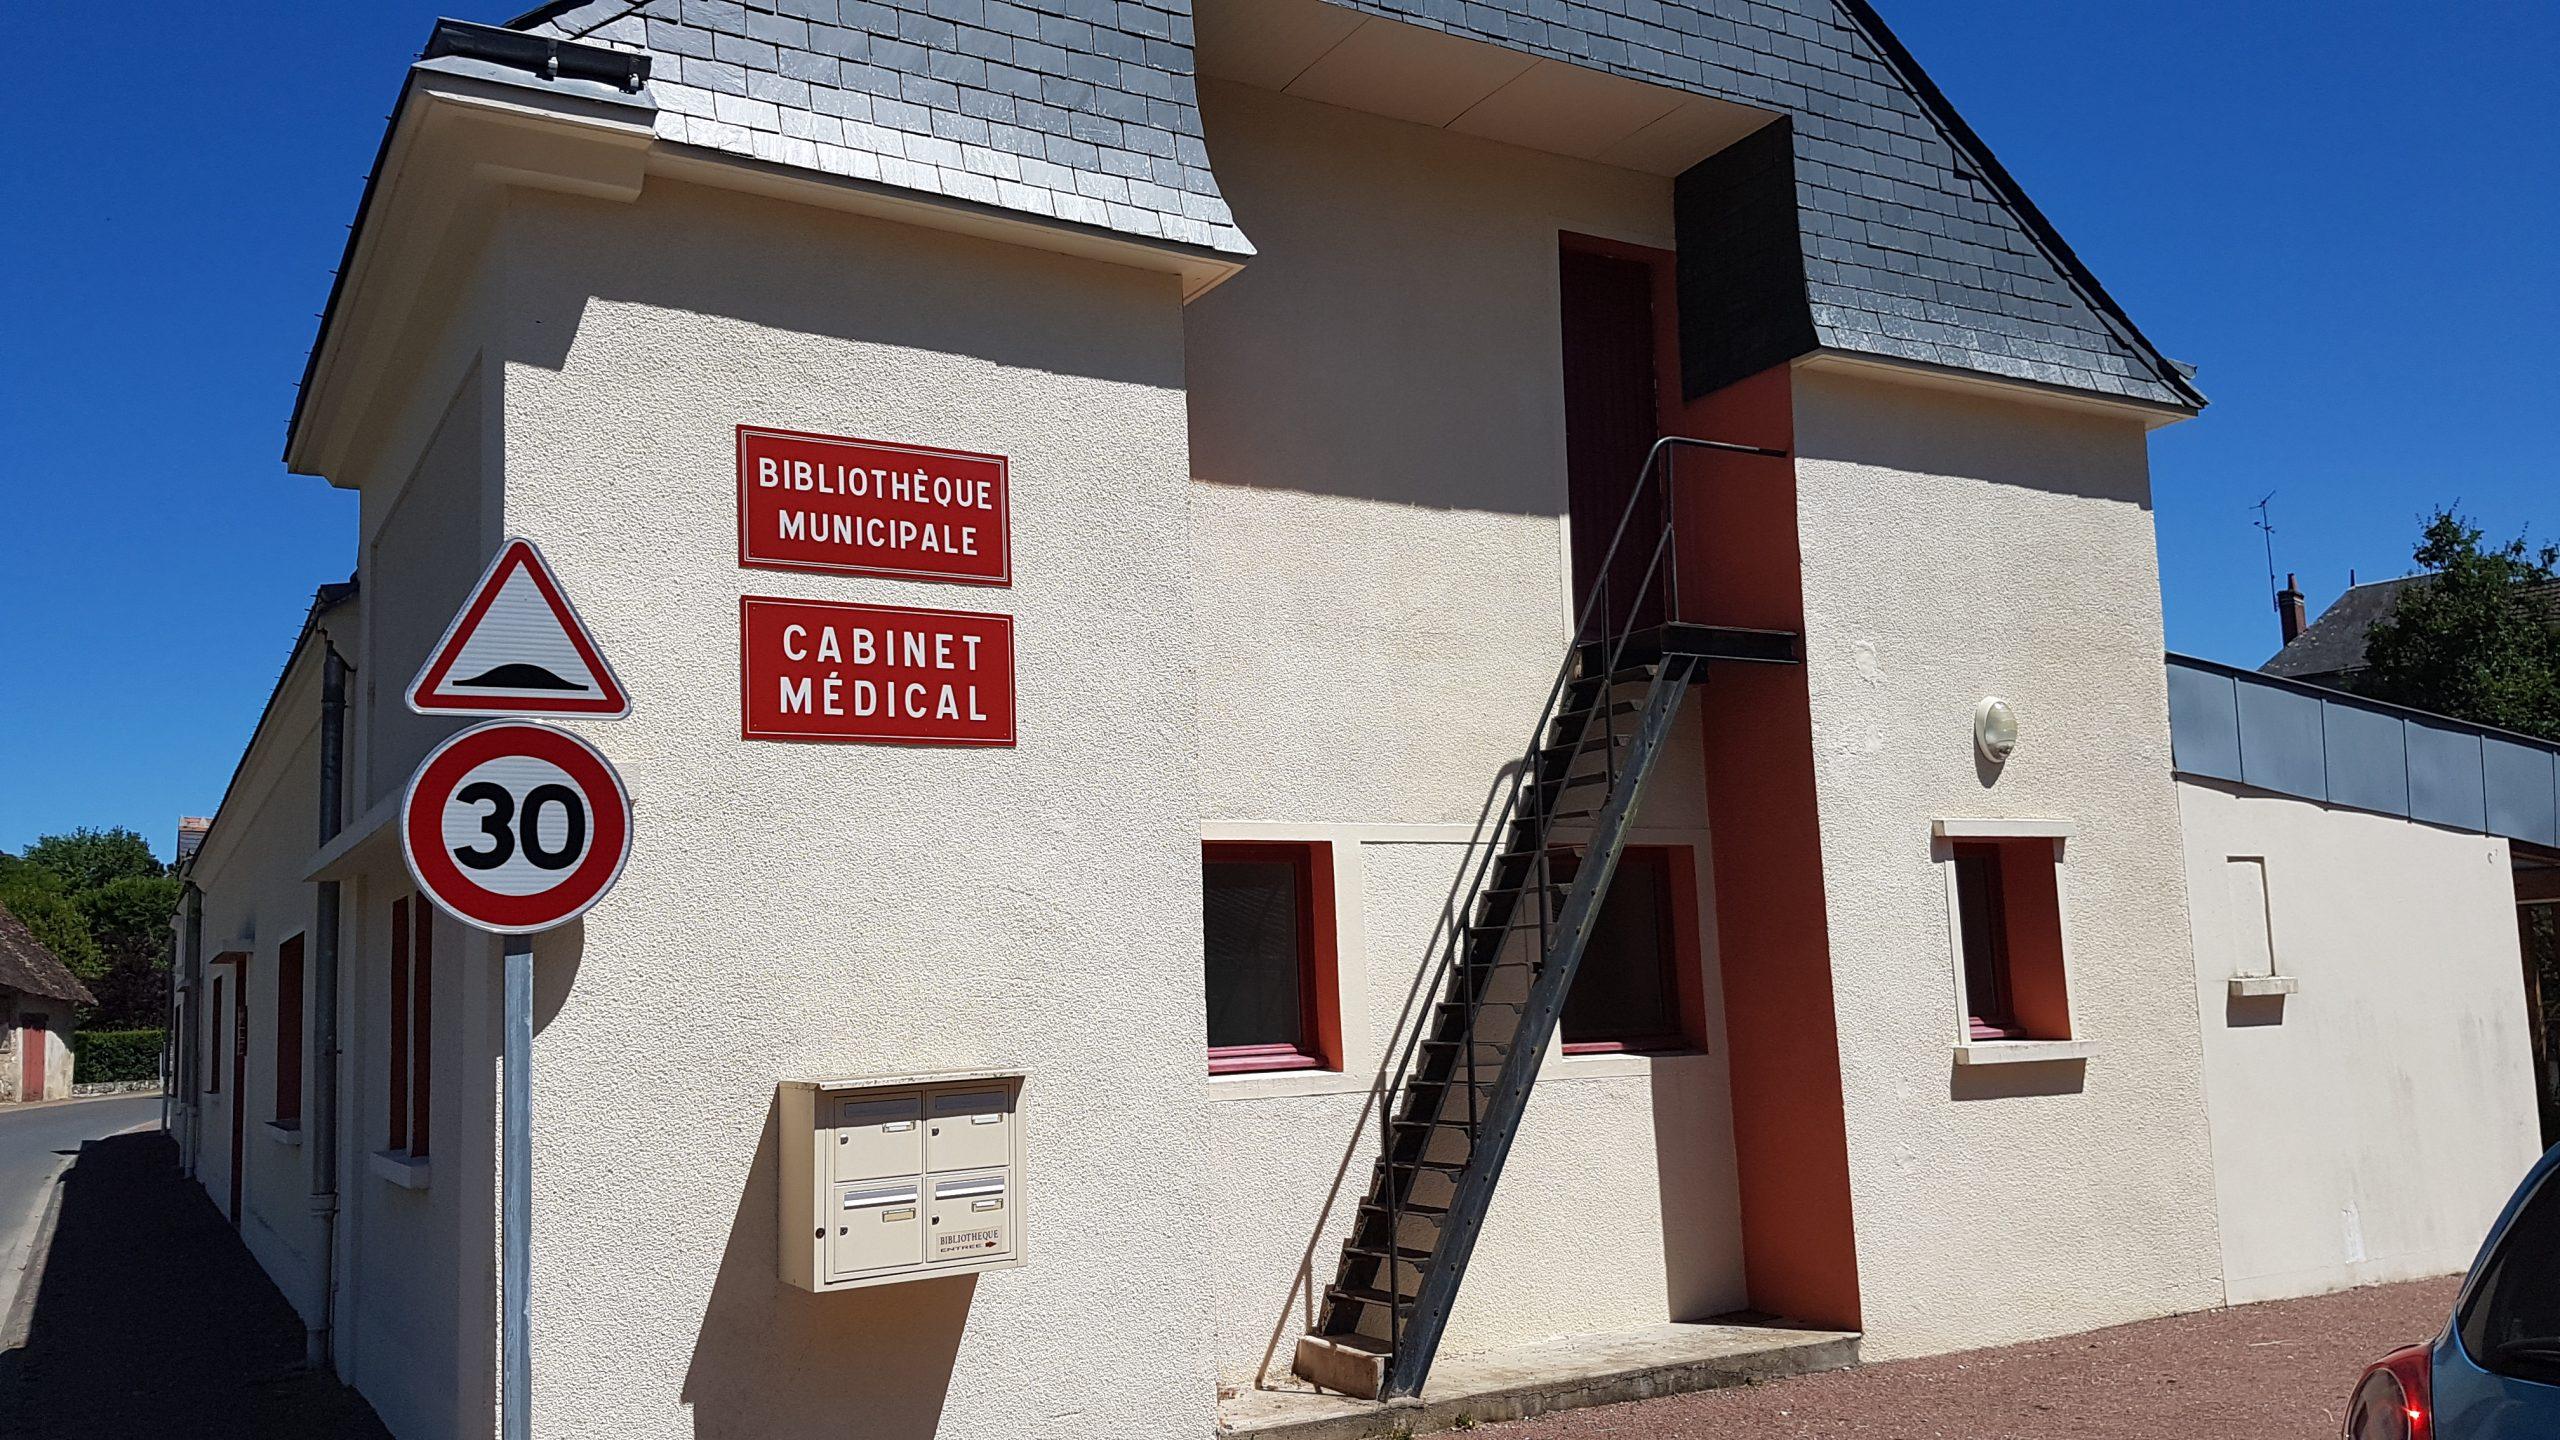 cabinet médical et bibliothèque municiaples Céré la Ronde